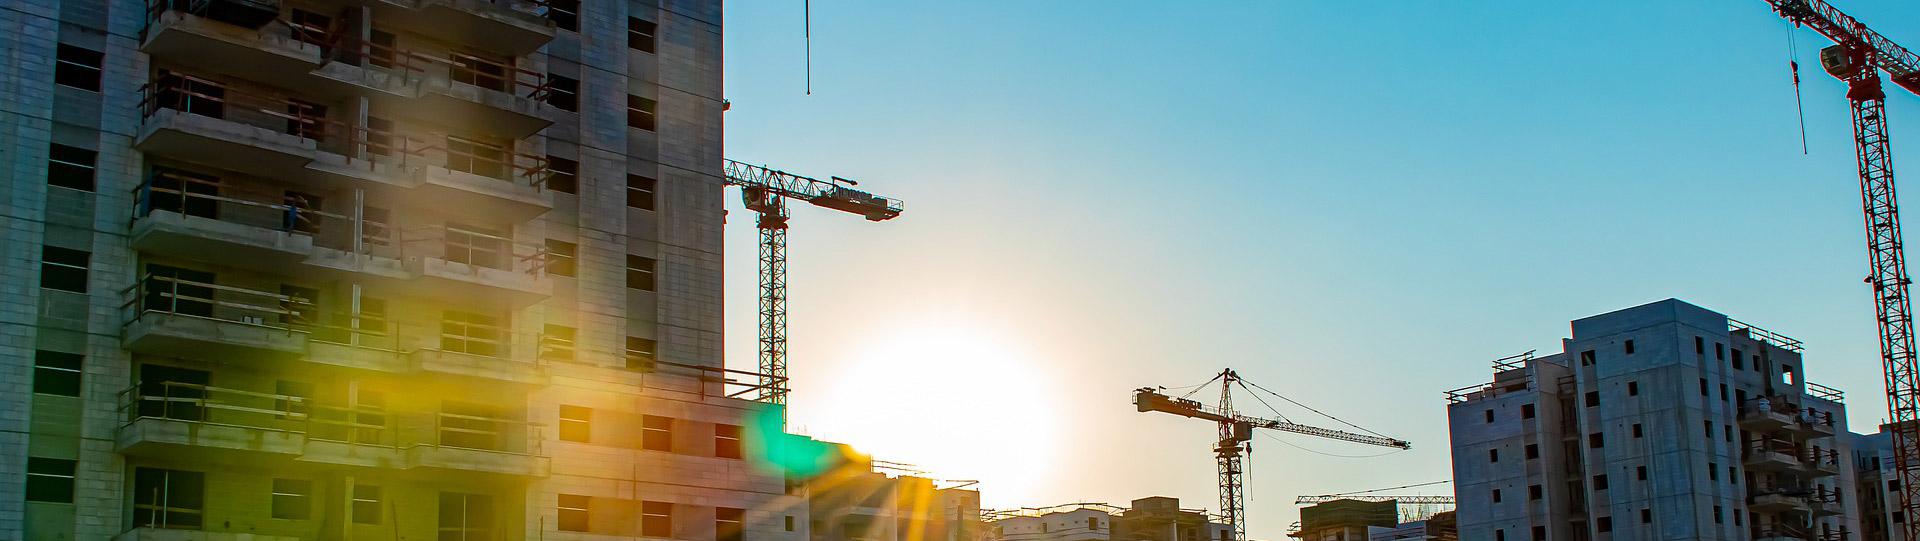 Photo d'immeubles en construction